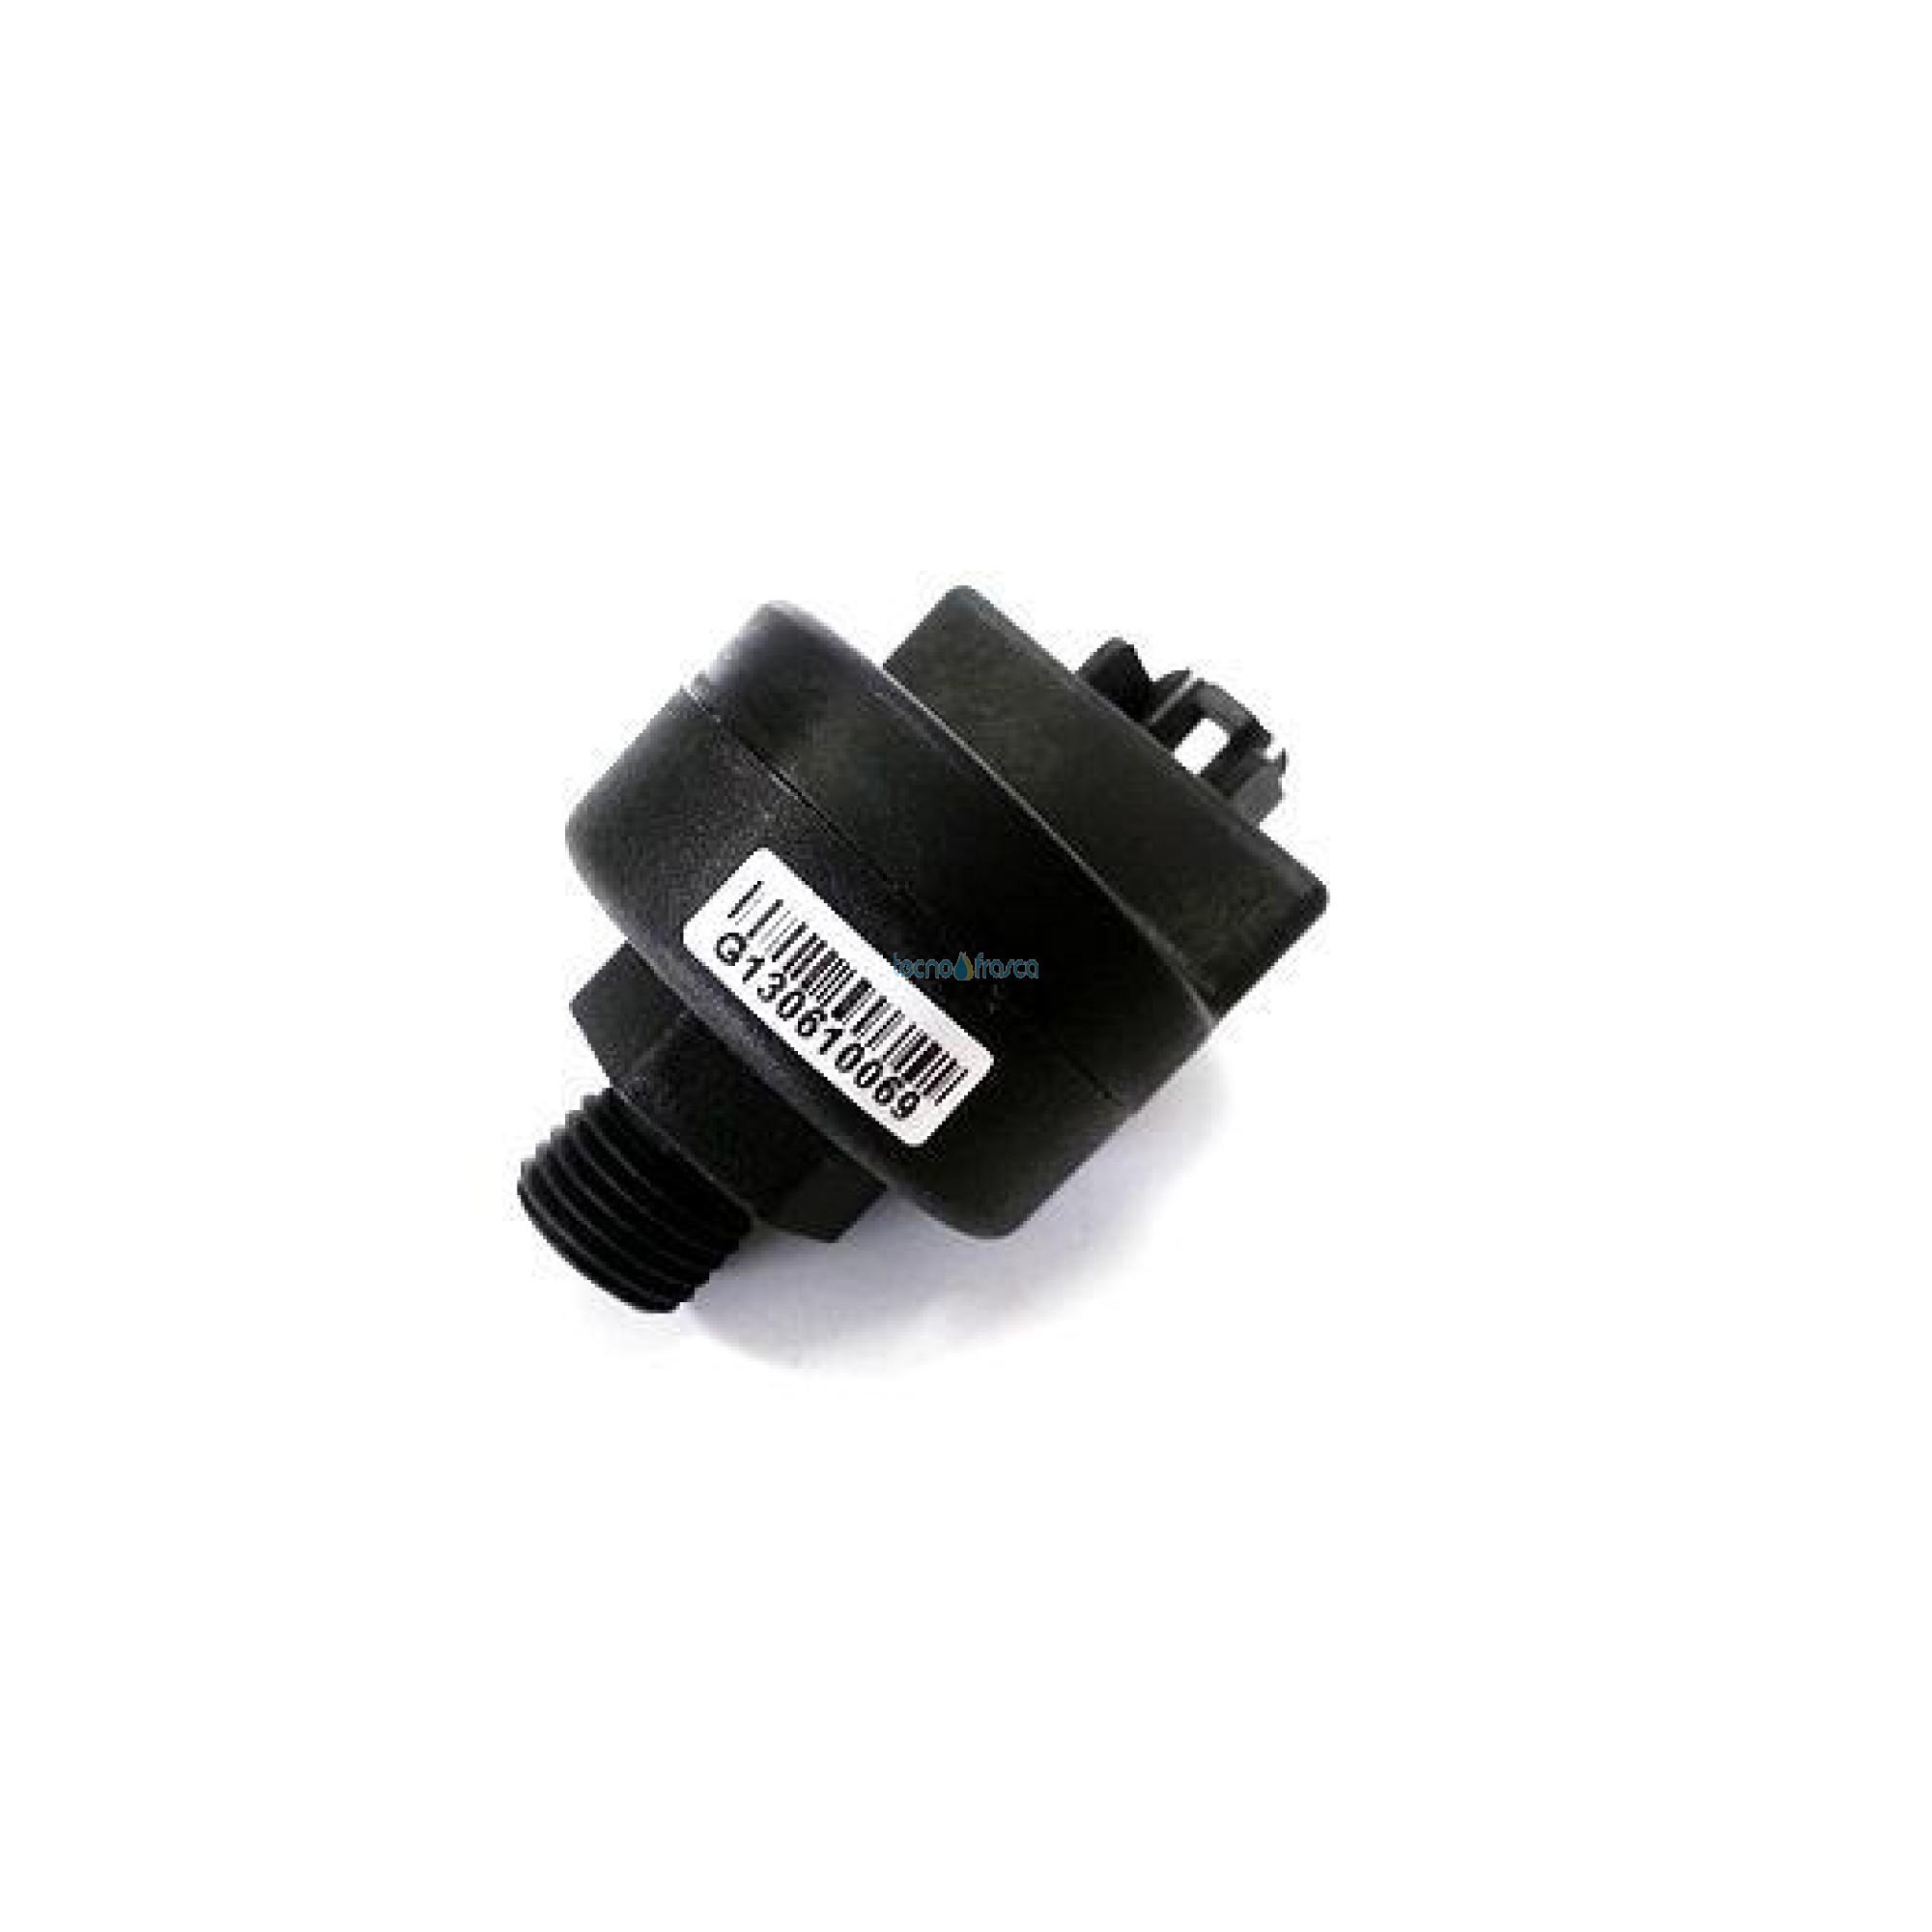 Trasduttore di pressione filettato 1/4 vre140-f